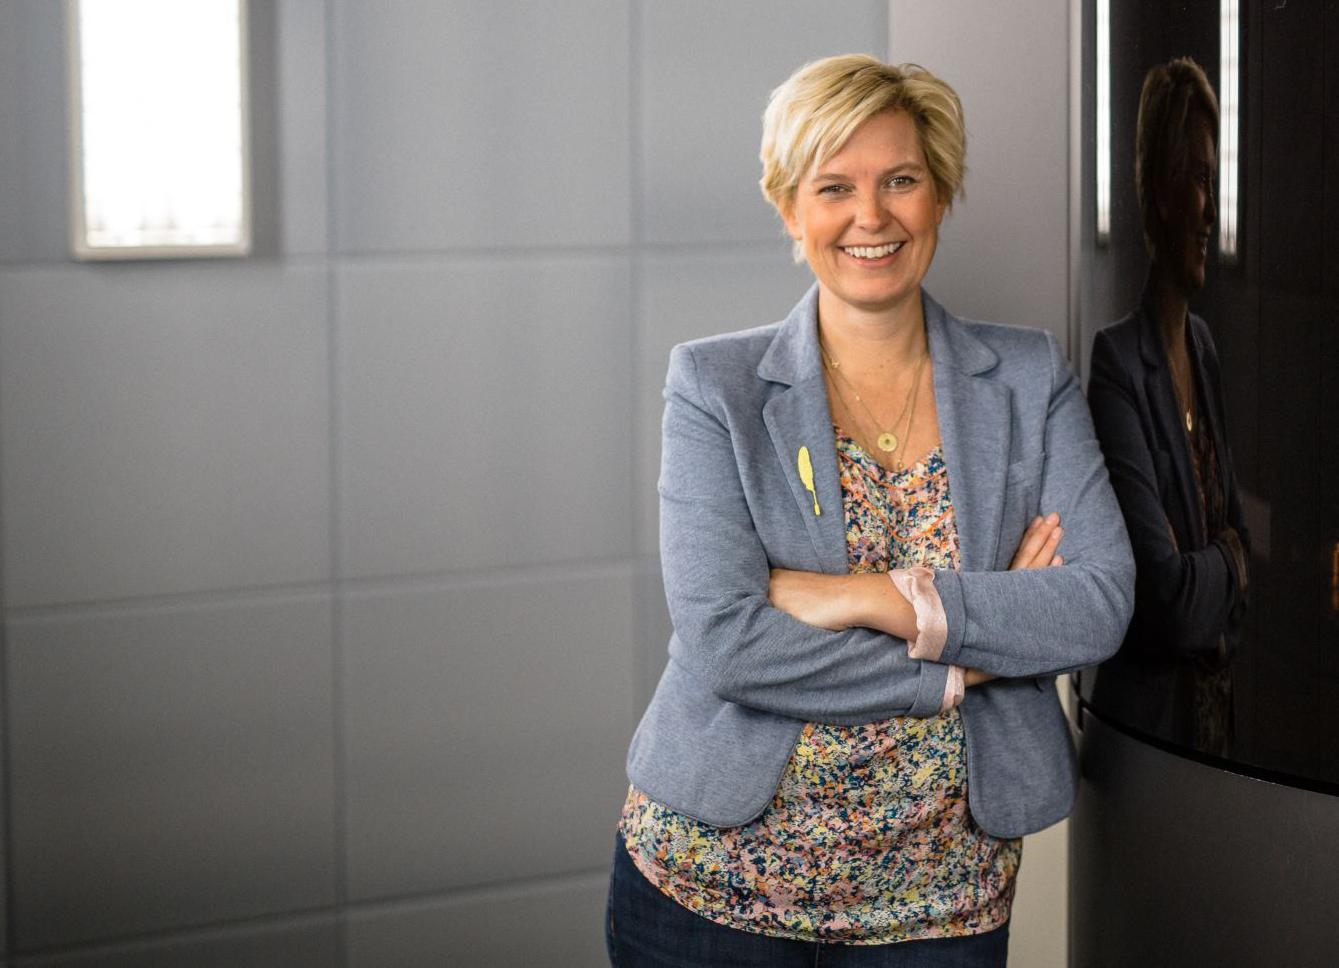 Dr. Sarah Bals - EMAT, University of Antwerp